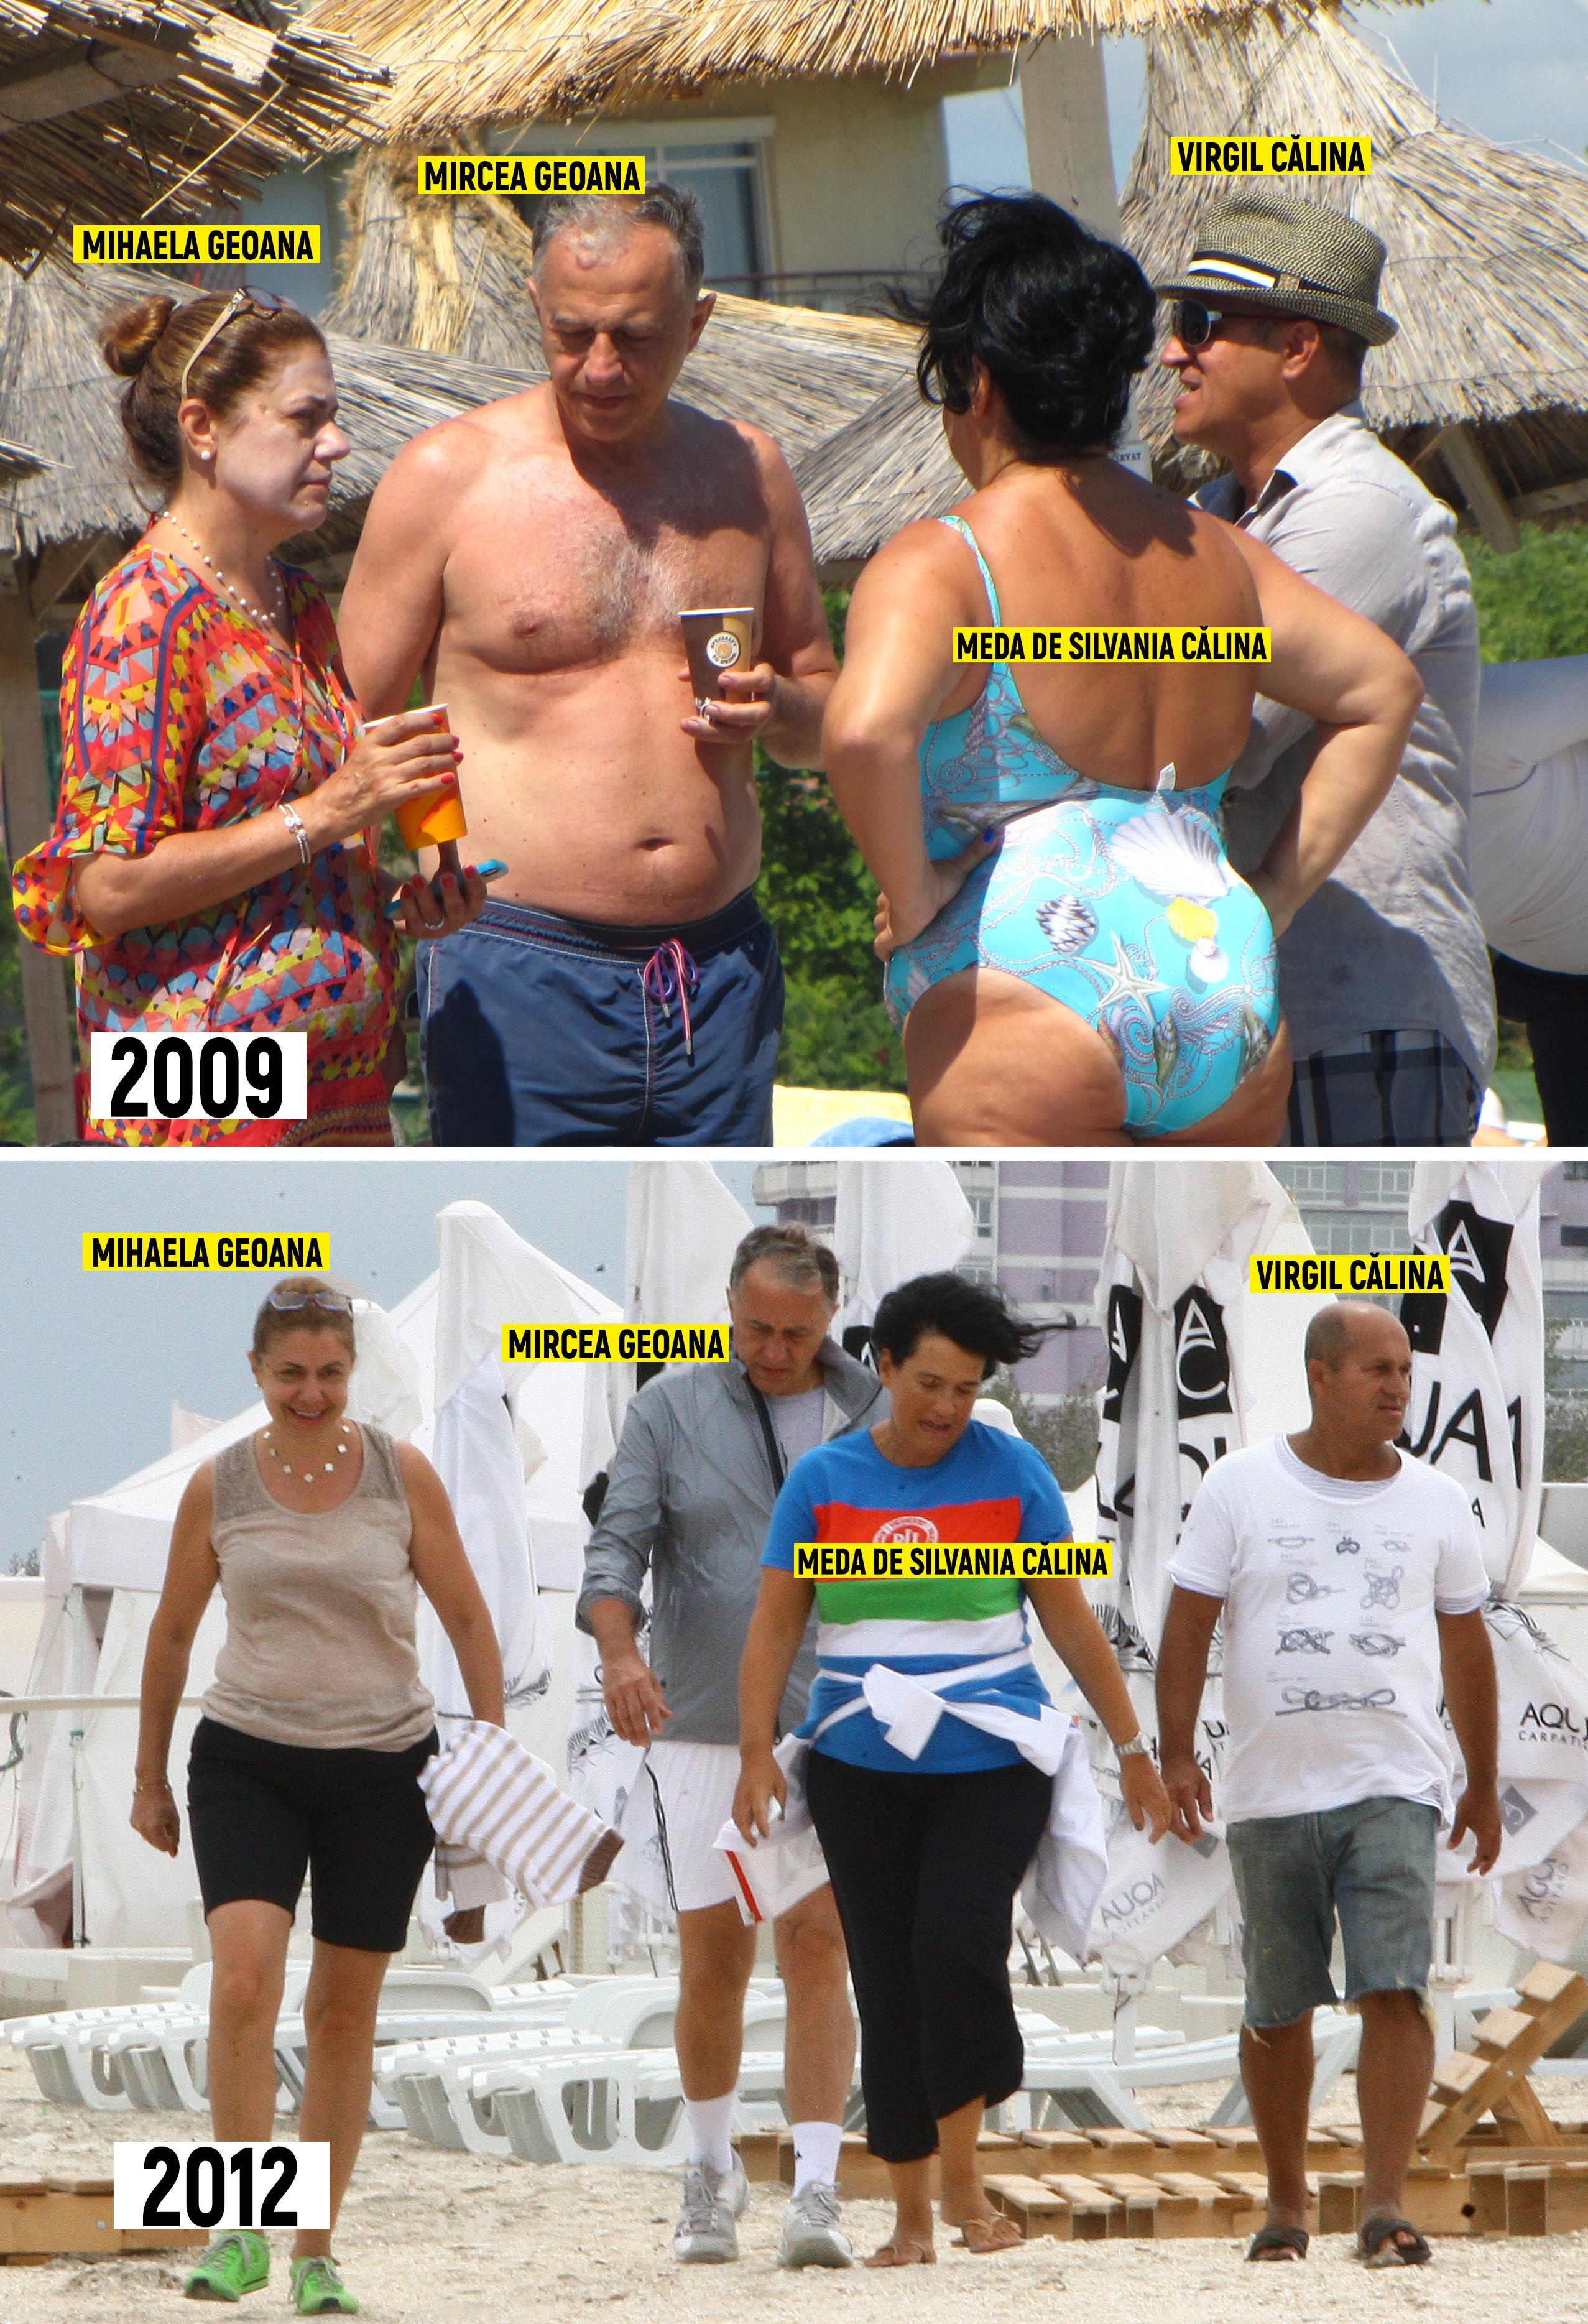 În ciuda declaraţiilor lui Virgil Călina, familia lui şi cea a lui Mircea Geoană sunt extrem de apropiate. Meda şi Virgil Călina, alături de Mihaela şi Mircea Geoană, au fost fotografiaţi în mai multe rânduri, la plajă, de către reporterii CANCAN.ro